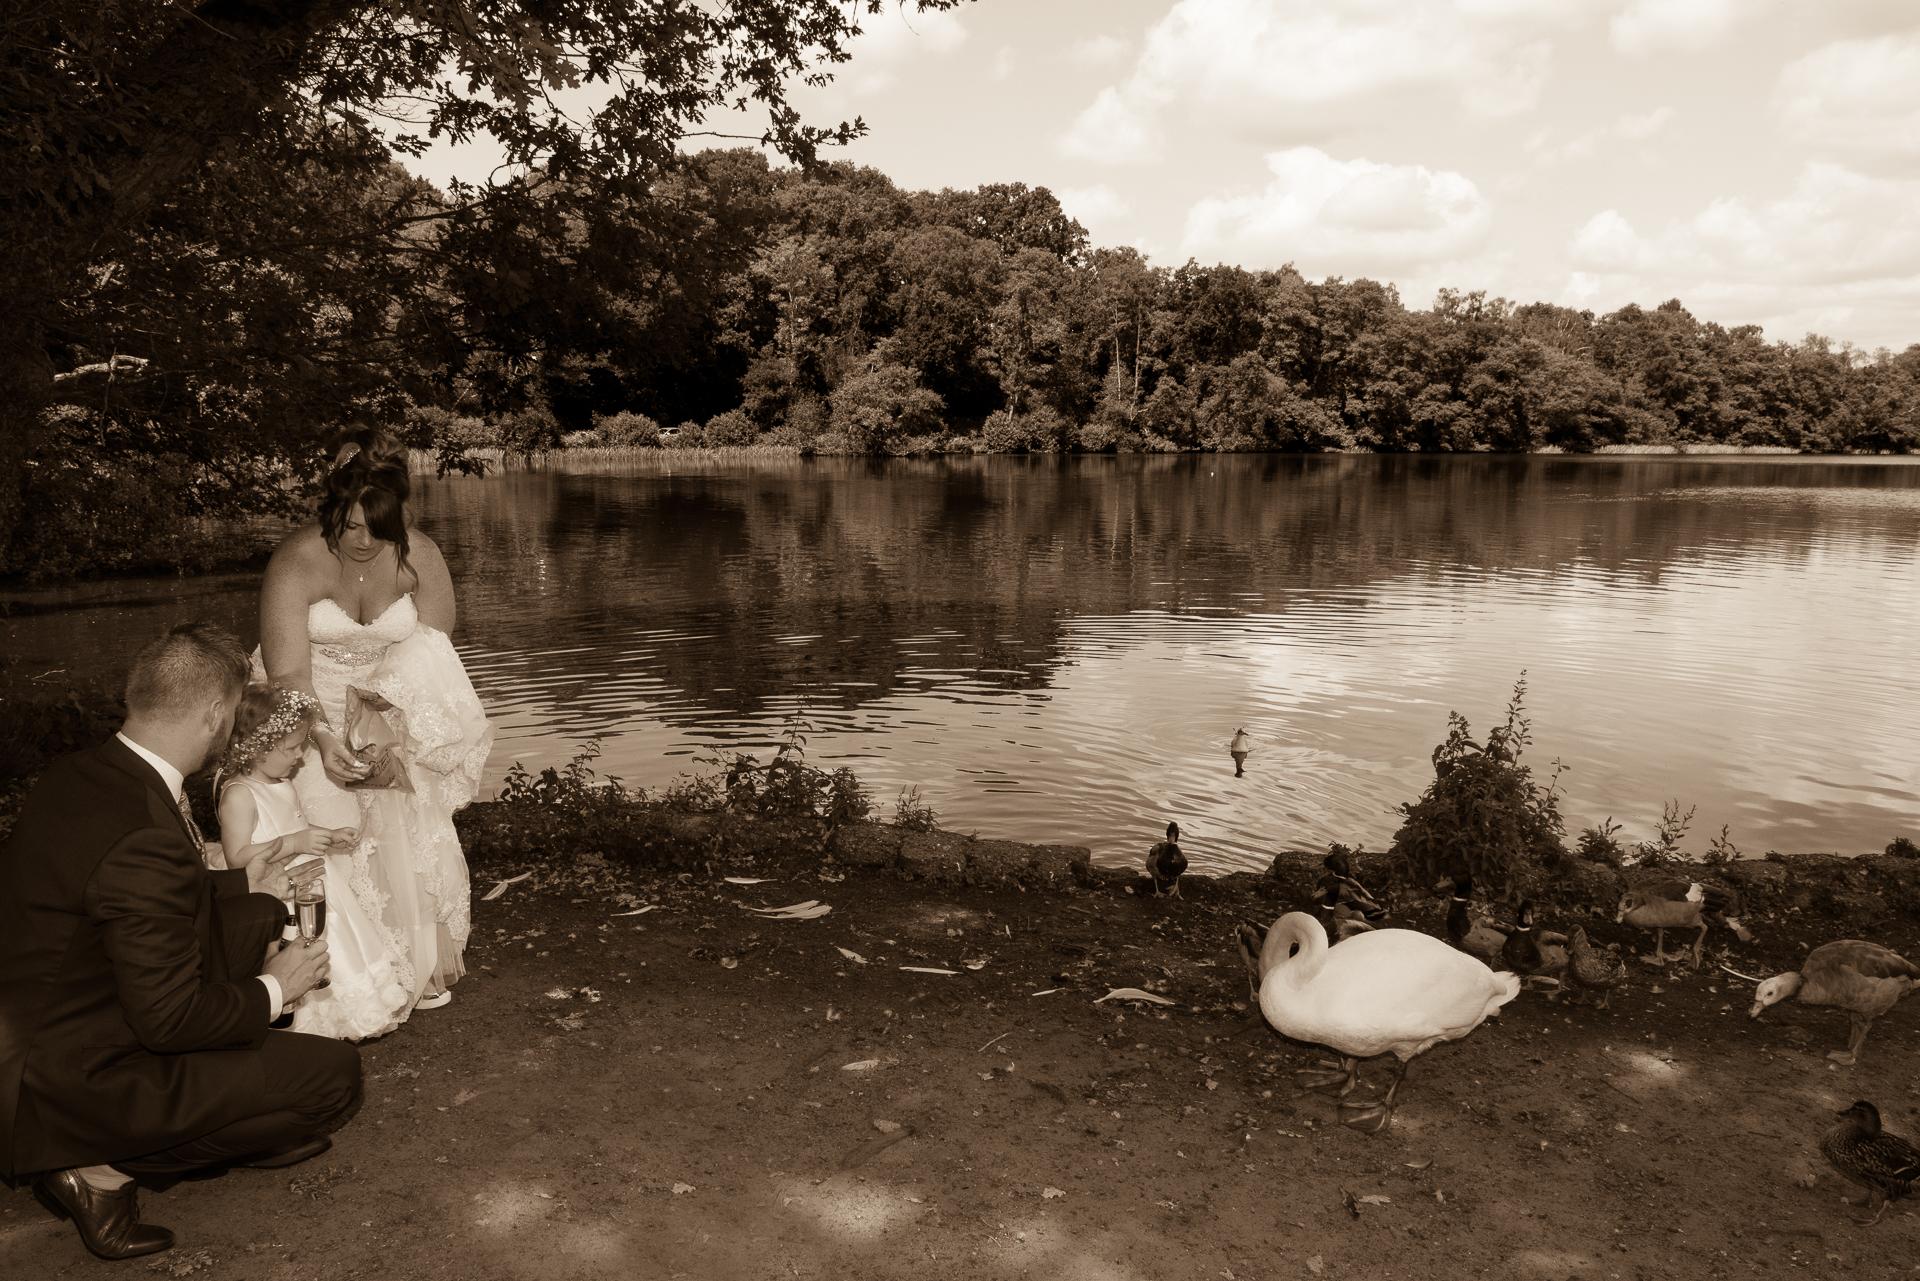 Frensham-Pond-Hotel-wedding_36.JPG